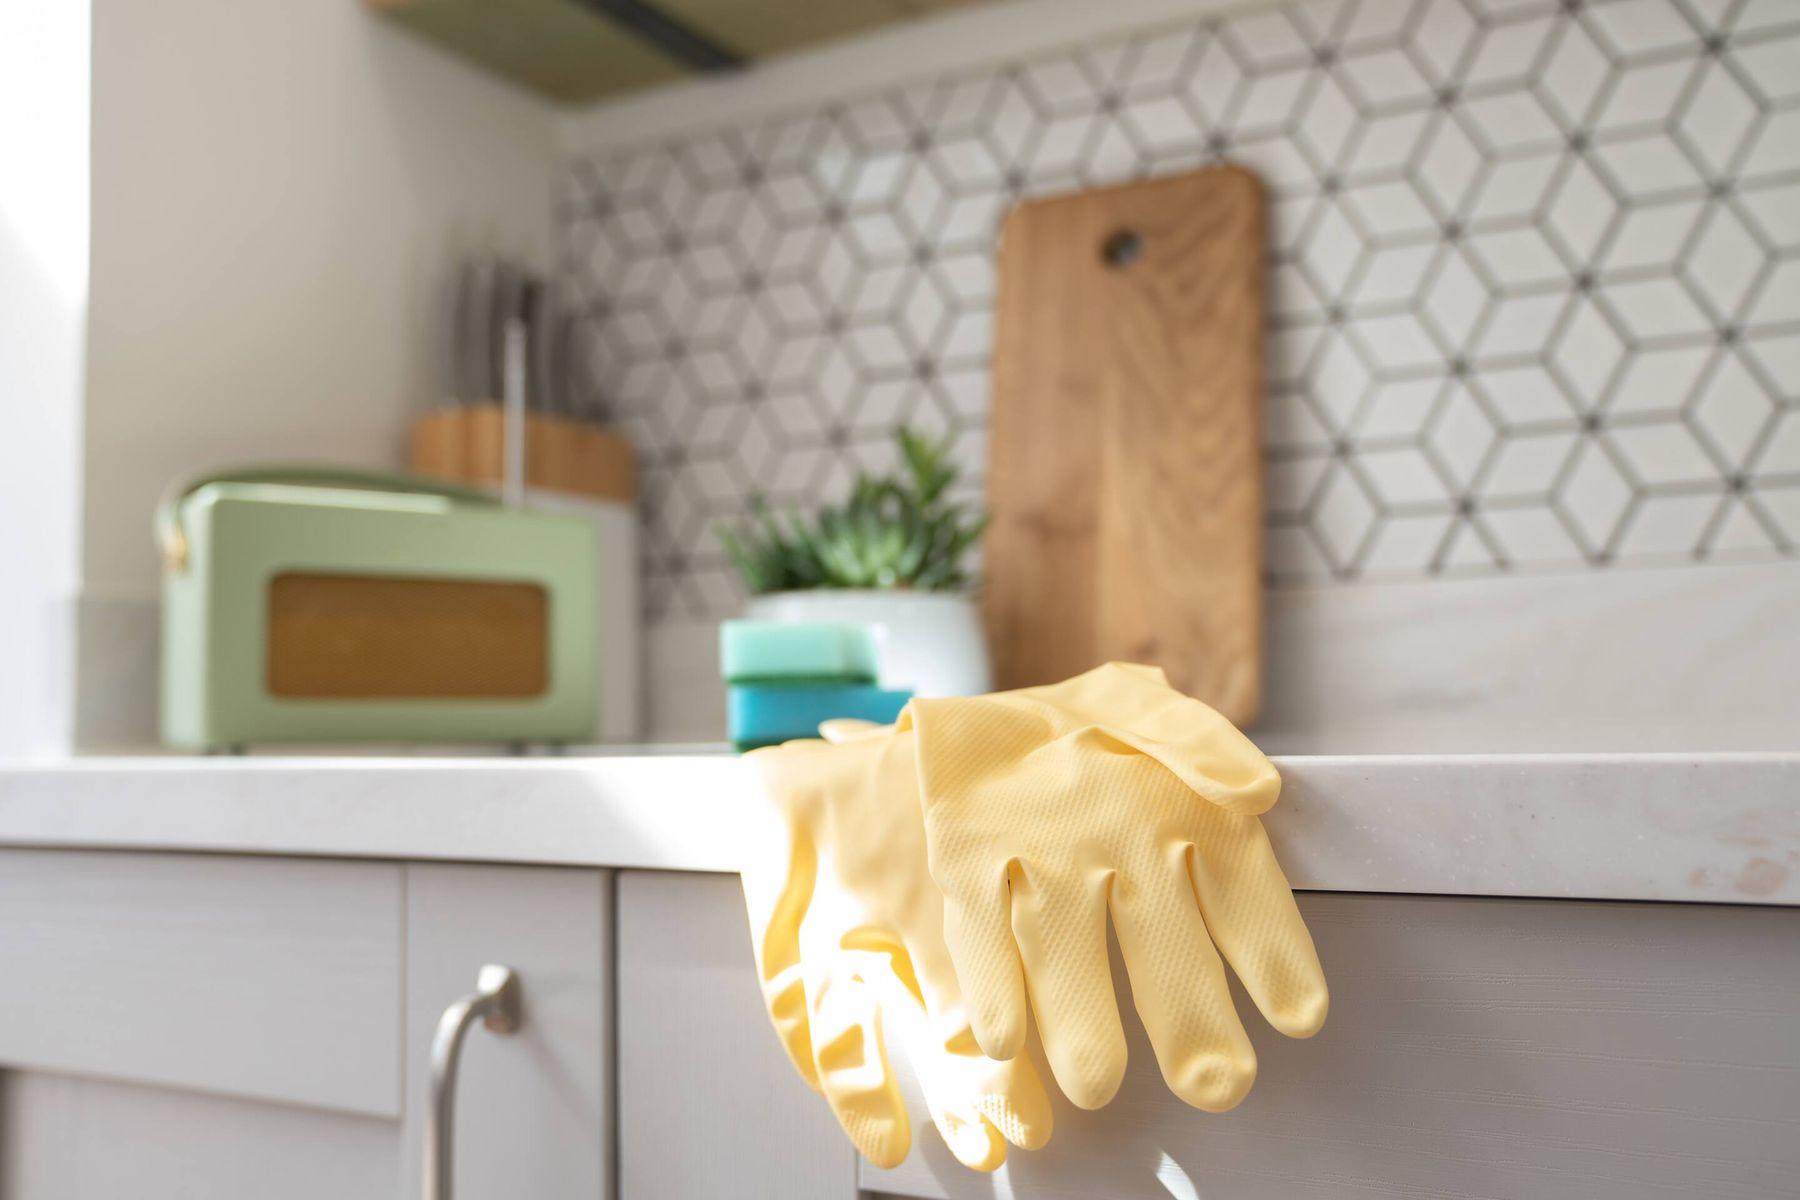 khử mùi hôi nhà bếp đơn giản